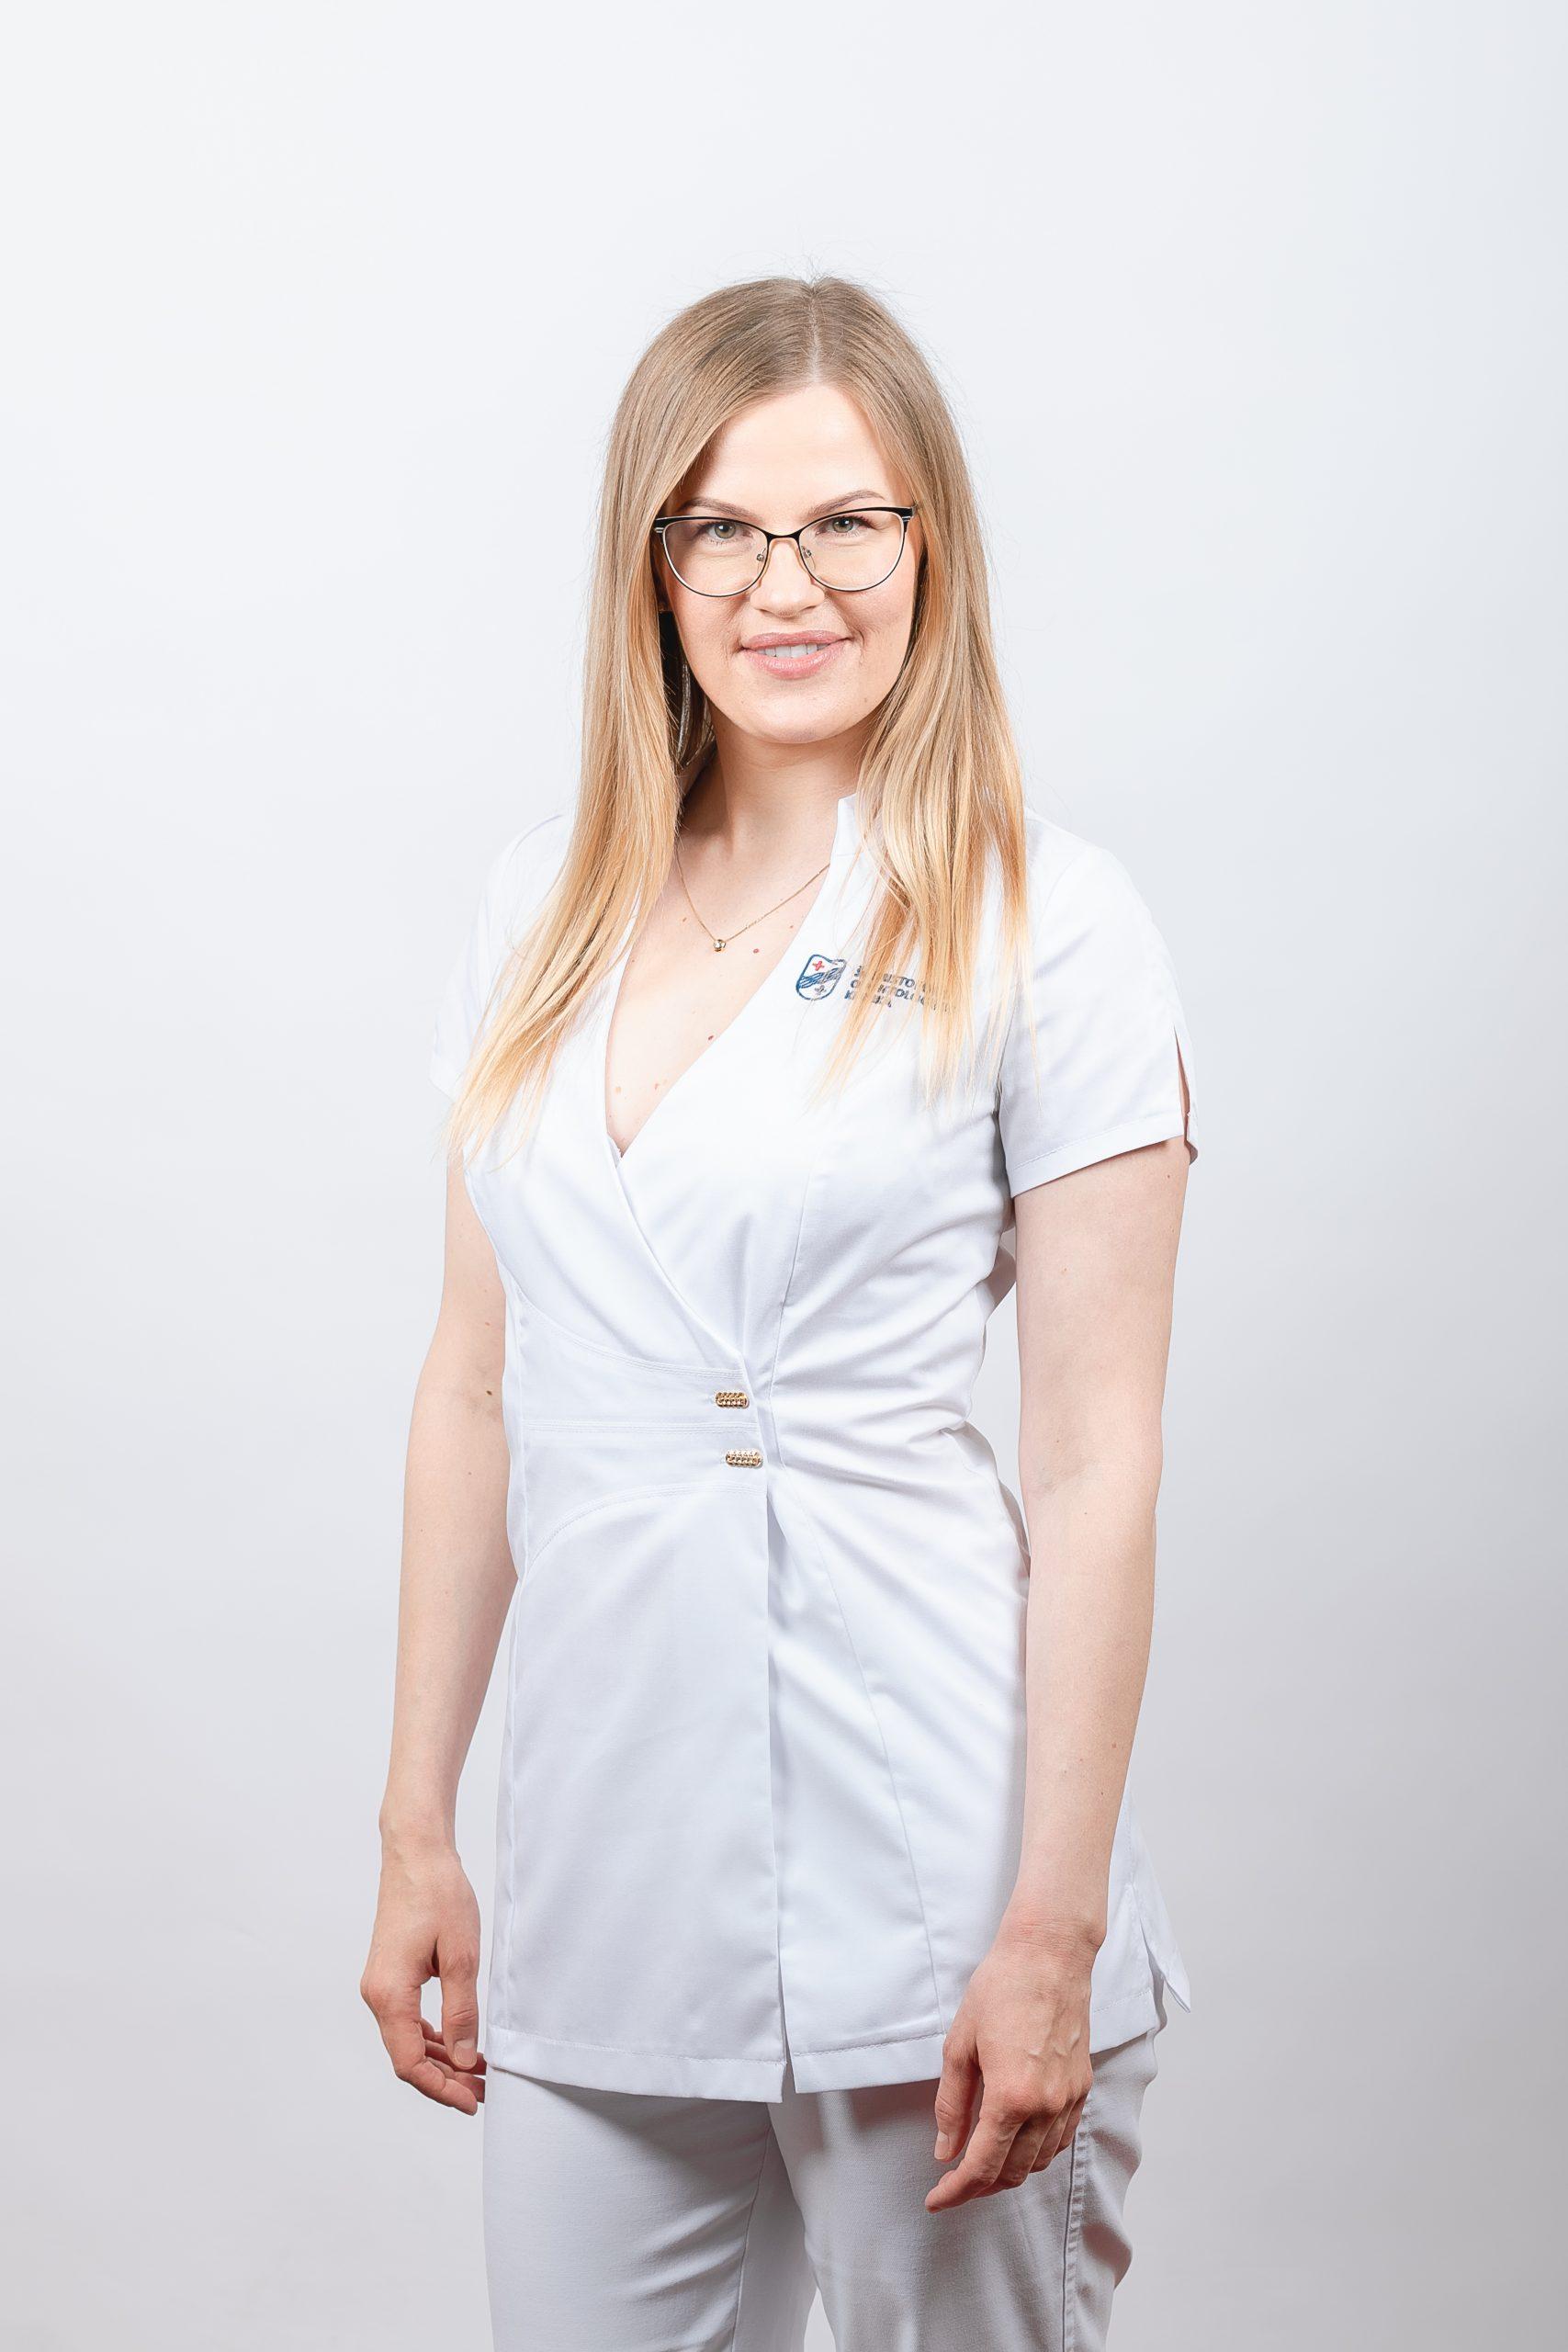 Burnos higienistė Lina Kairelienė